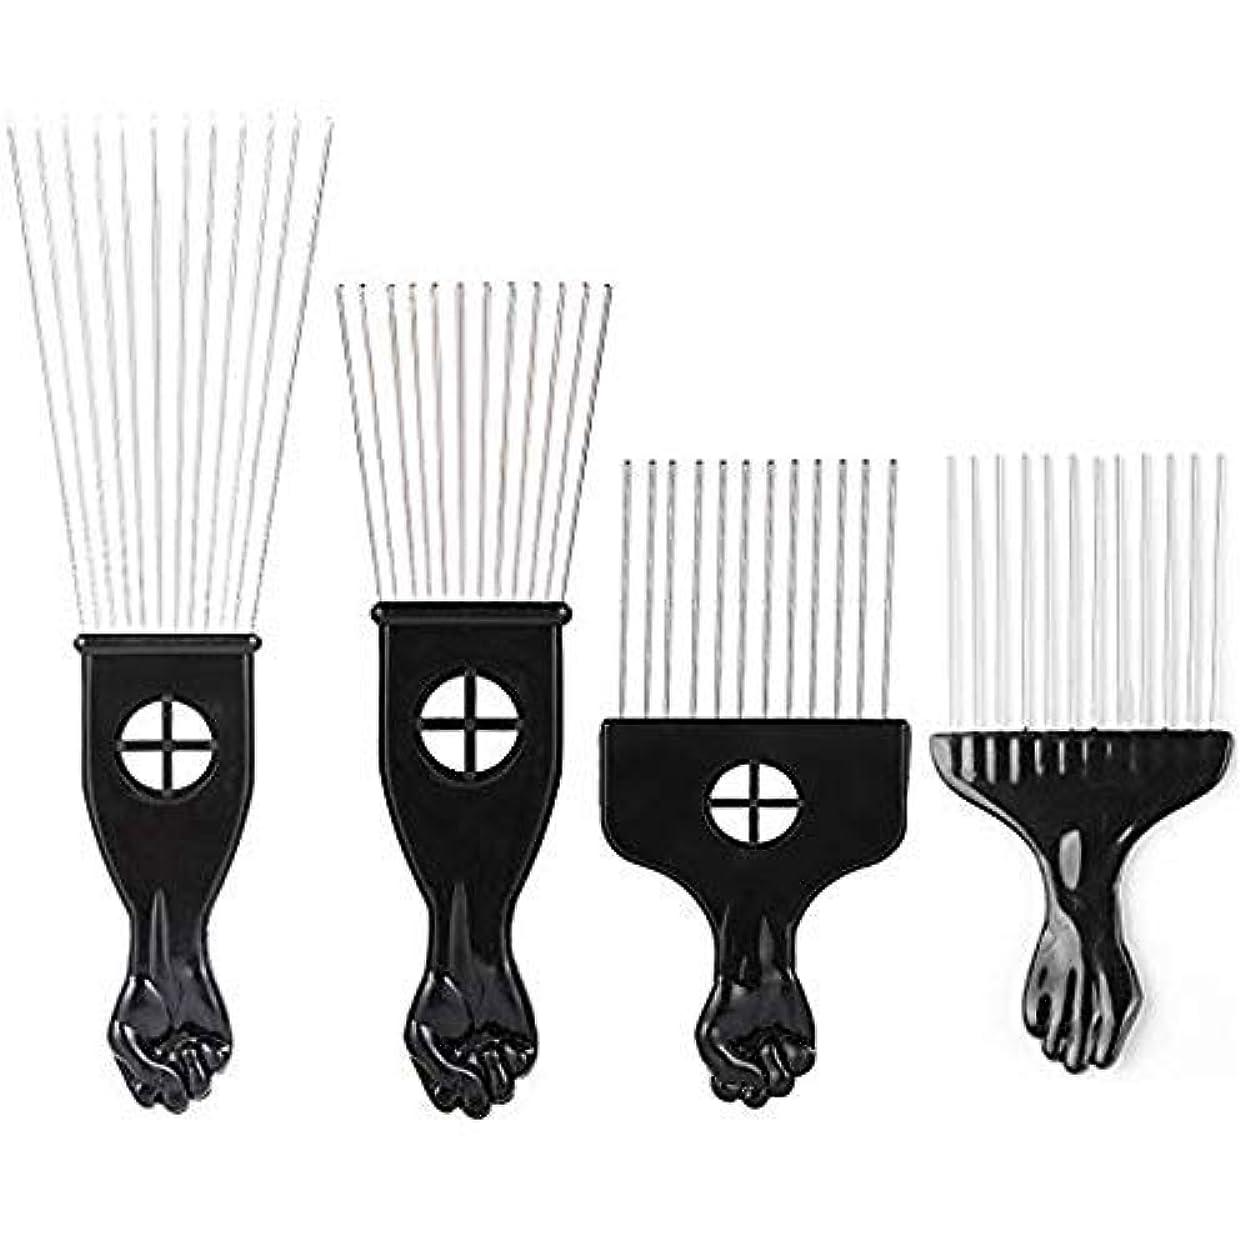 征服者頭痛早熟Borogo Afro Combs, 4-Pack Afro Pick w/Black Fist - Metal African American Pick Comb Straight Hair Brush Hairdressing...